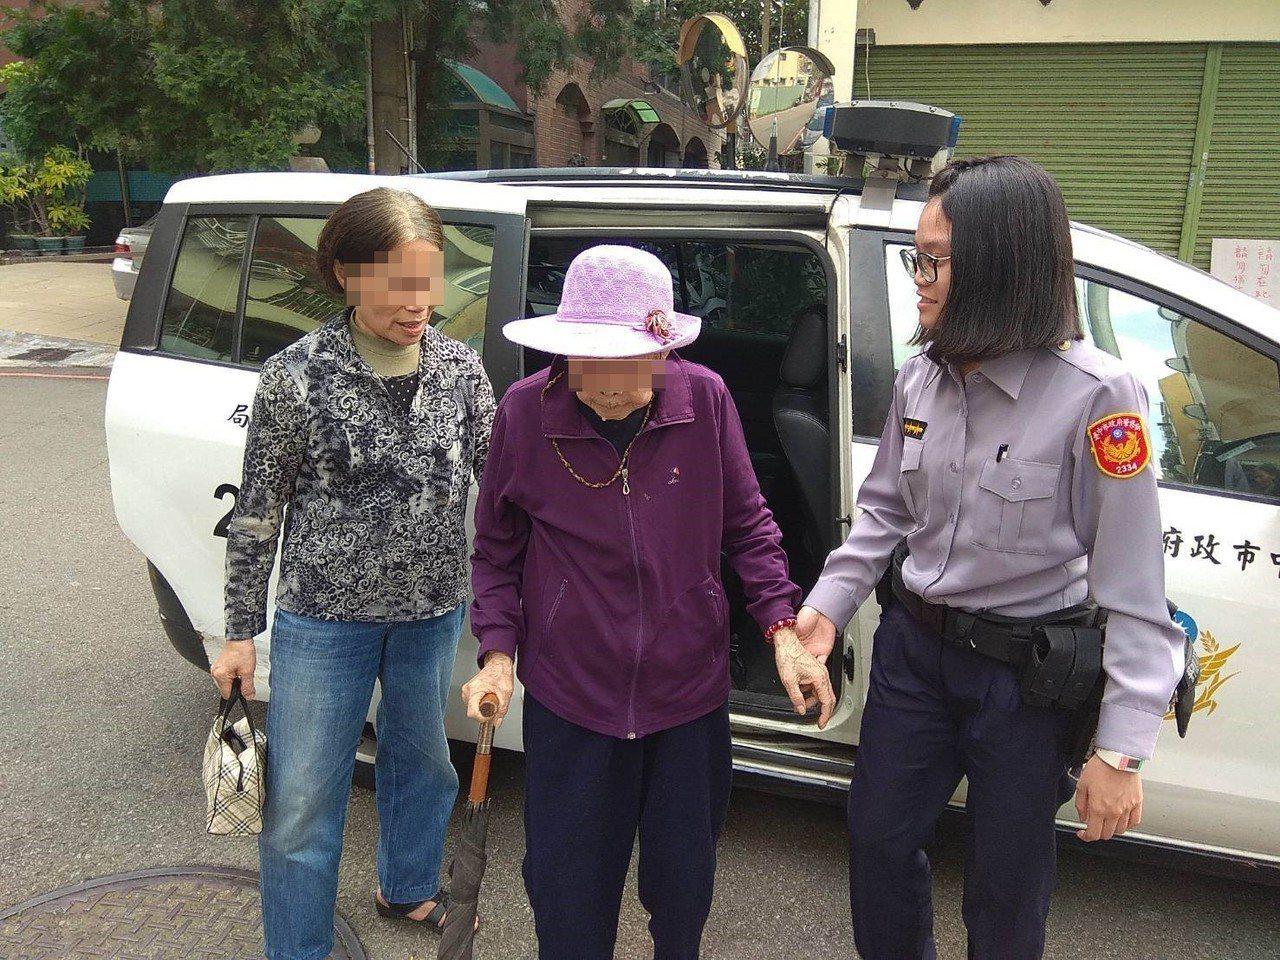 返家途中,女警莊雅雲(右)一路緊牽著阿嬤(中)的手,且低頭聆聽阿嬤說話,暖心的畫...